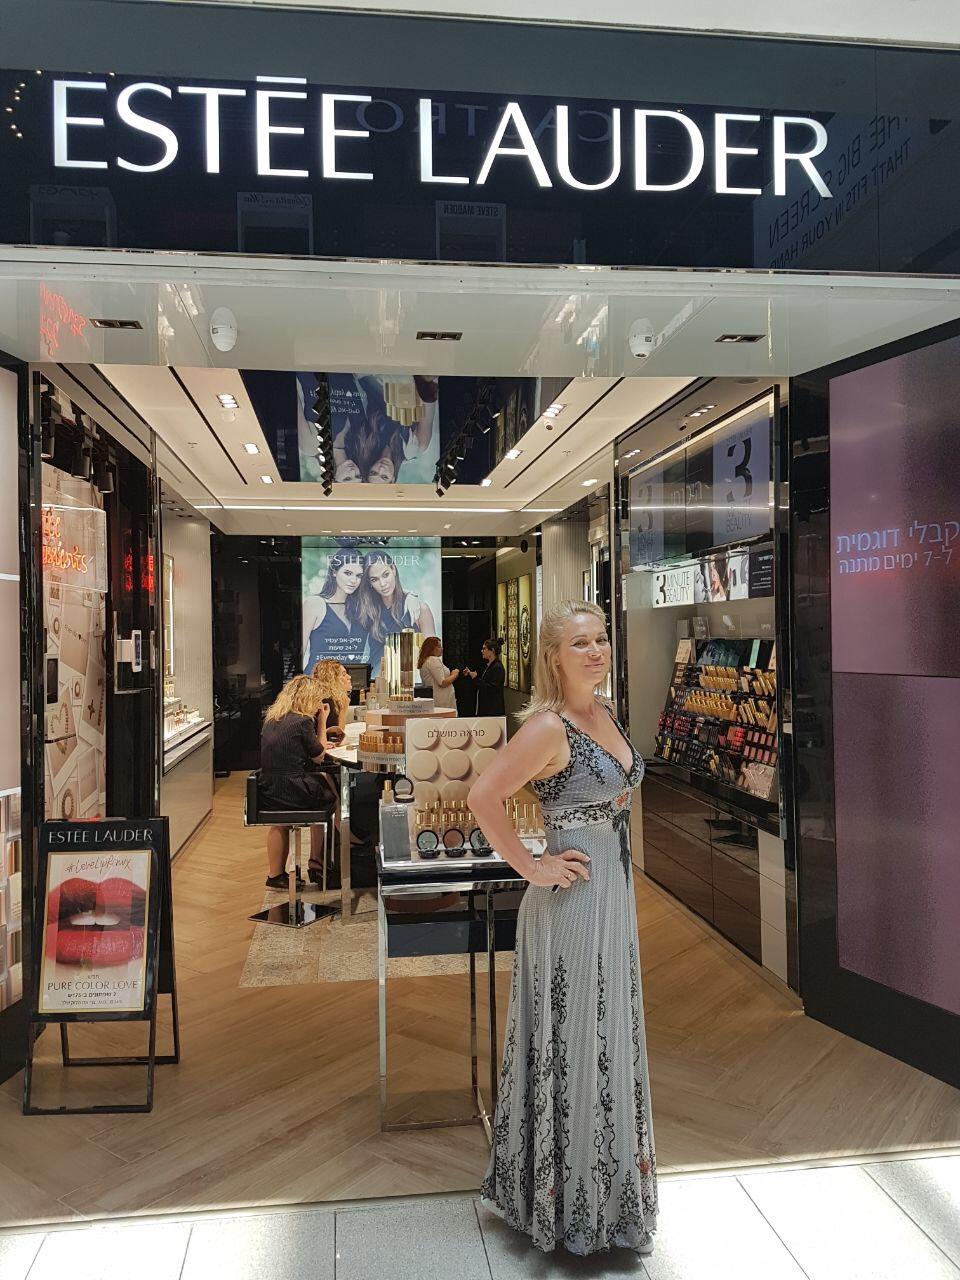 """Виктория Макарская: """"Я поздравляю всех израильтянок с открытием первого в стране бутика Еstee Lauder"""""""